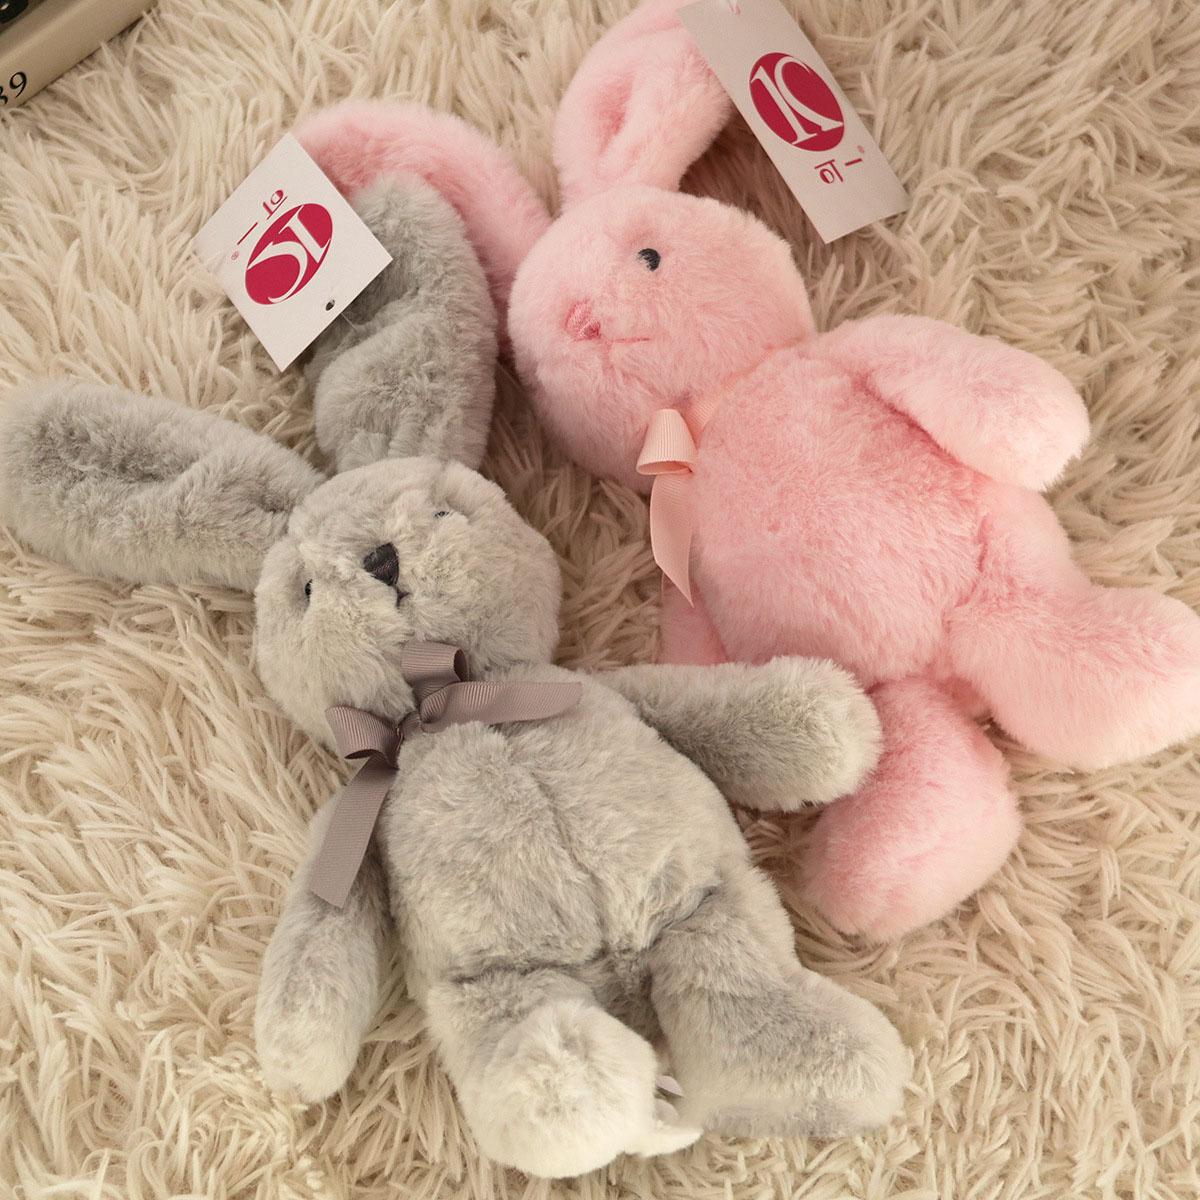 Лидер продаж, милый имитационный кролик, подвеска, плюшевые игрушки, плюшевые животные, детские подарки, плюшевая игрушка для детей, 22-25 см